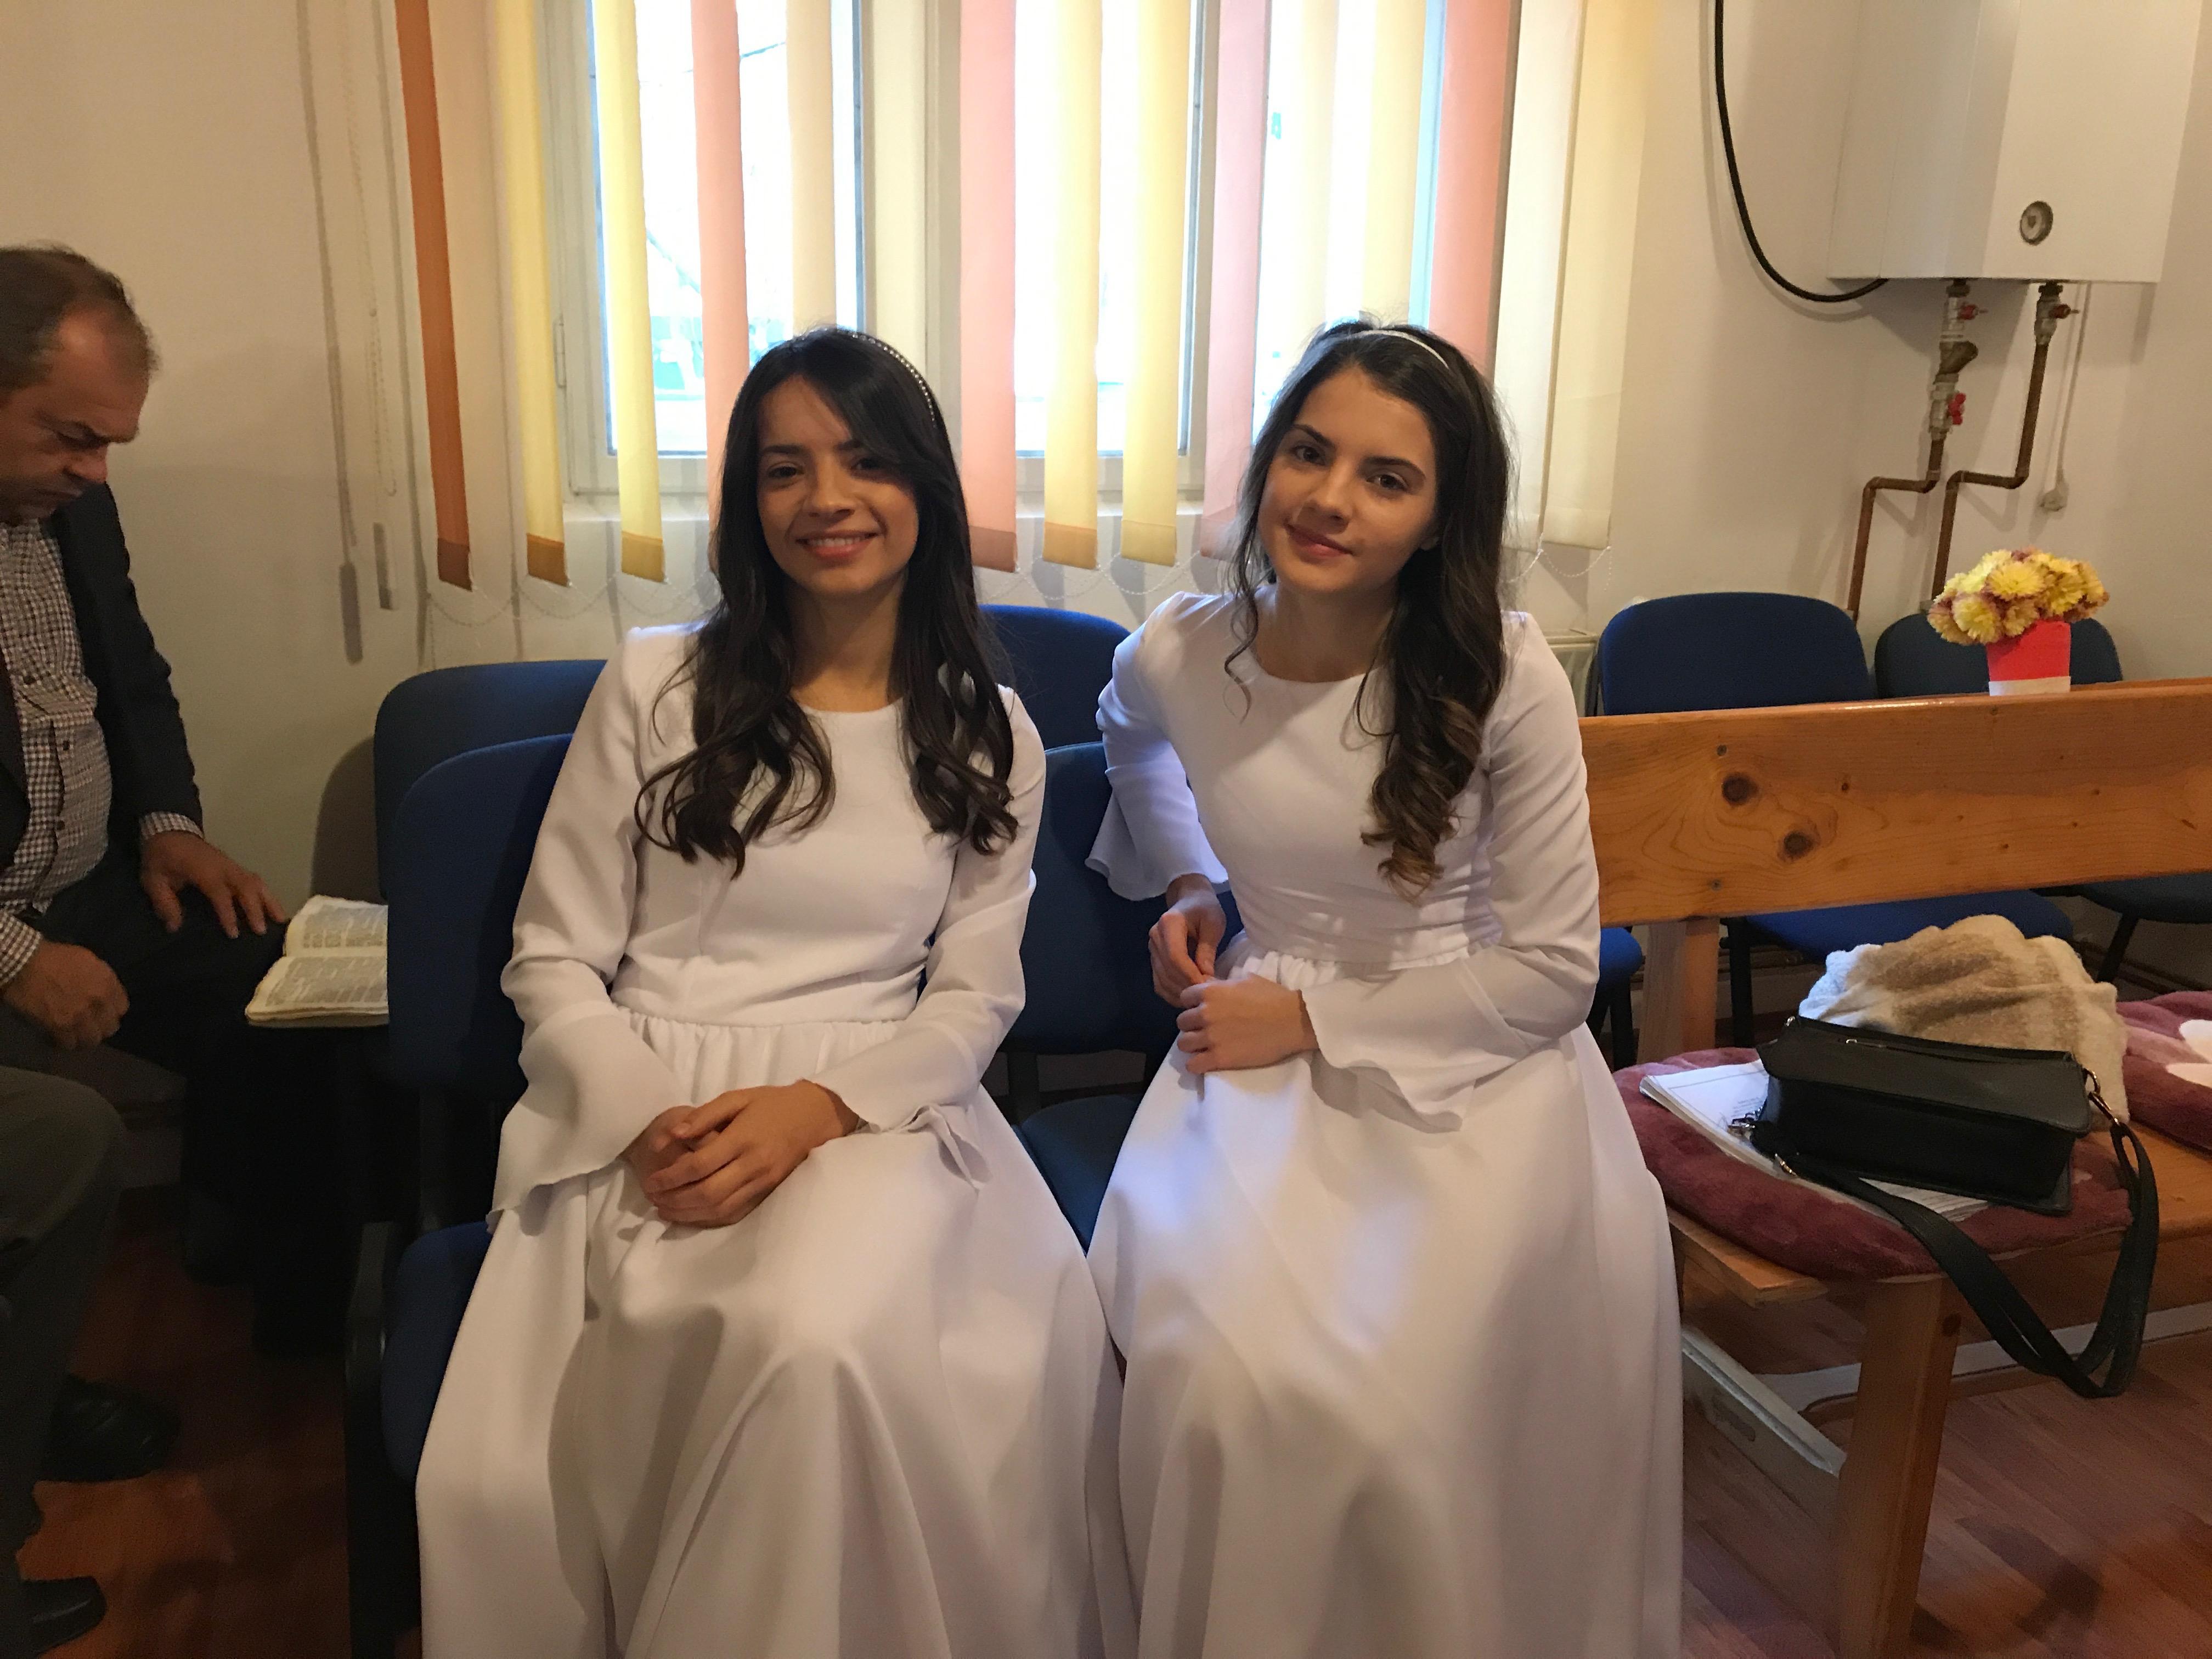 Pronte per il battesimo